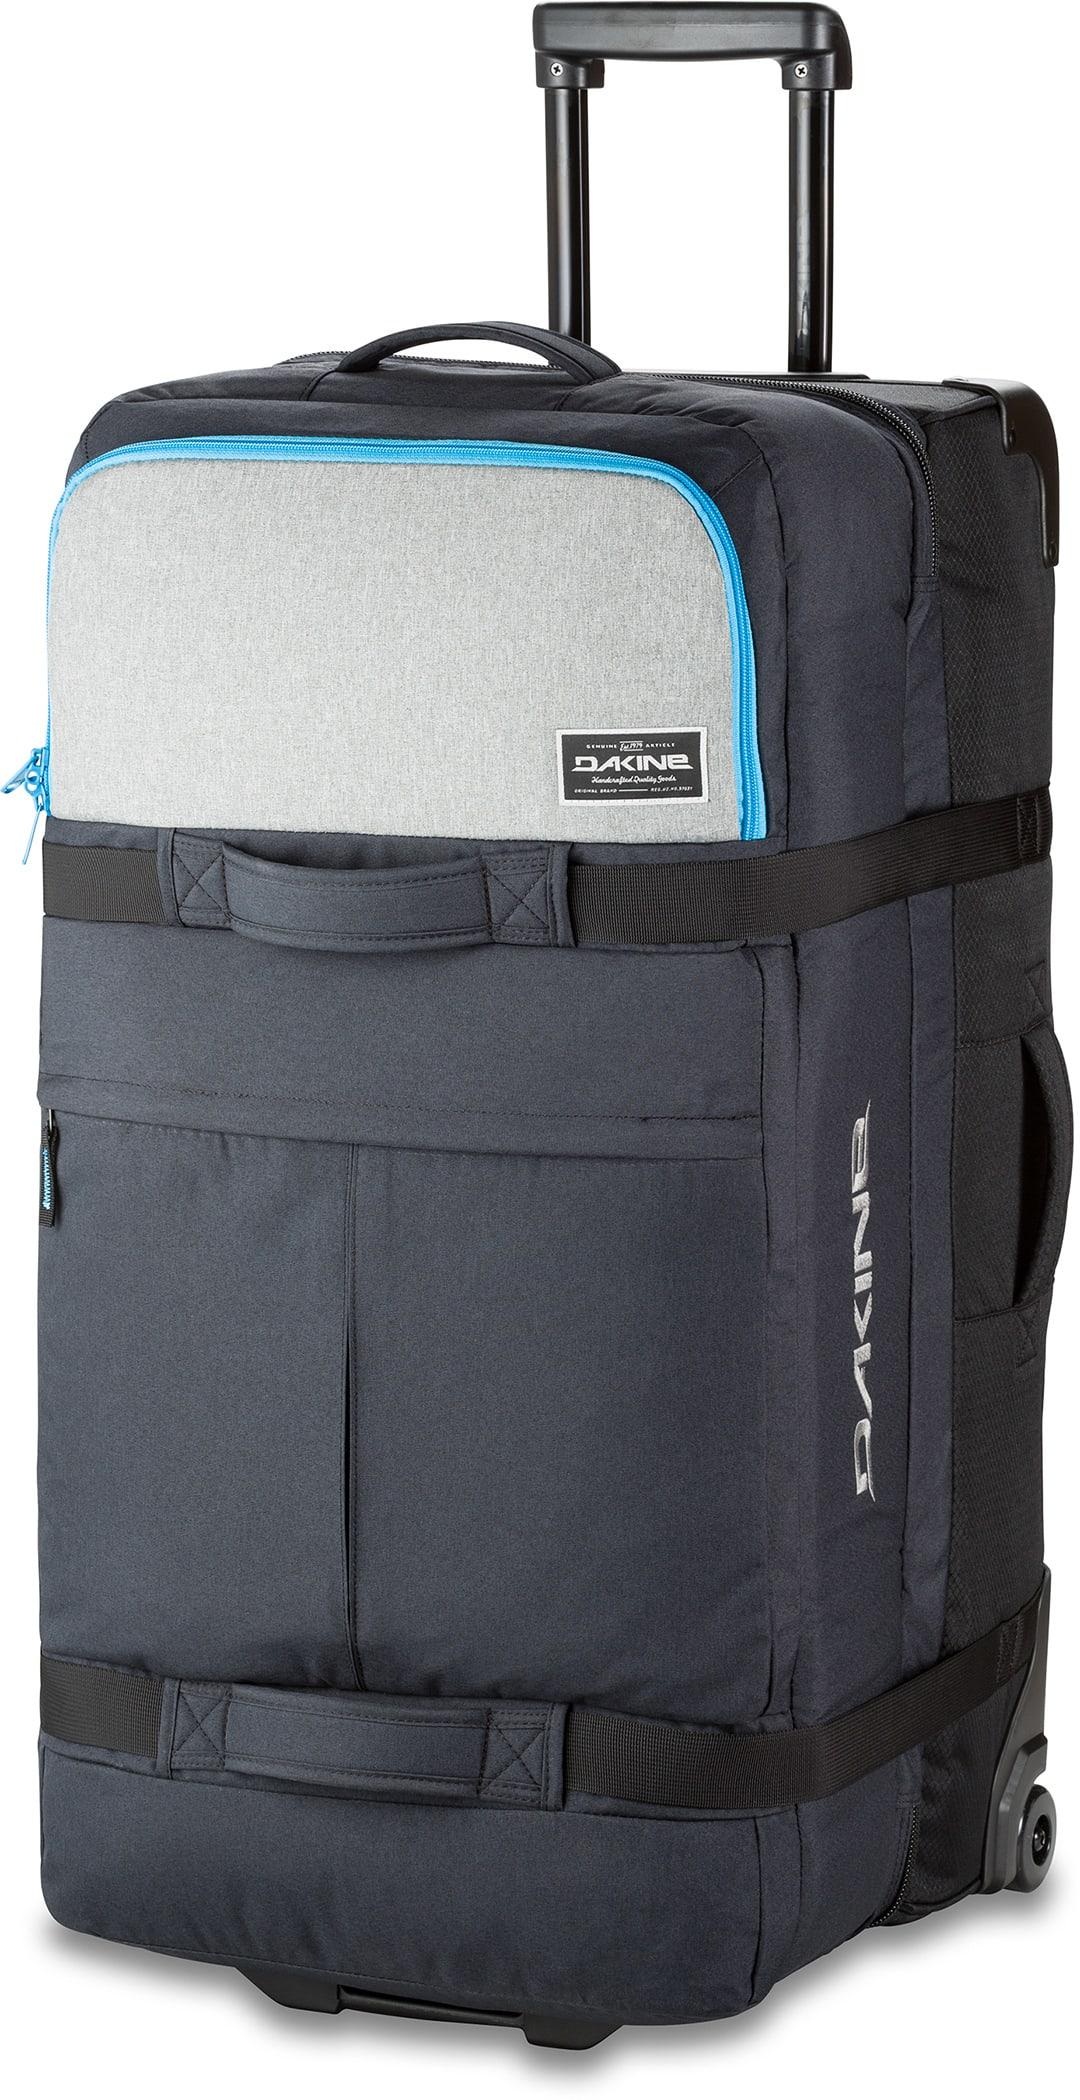 on sale dakine split roller 85l travel bag up to 40 off. Black Bedroom Furniture Sets. Home Design Ideas